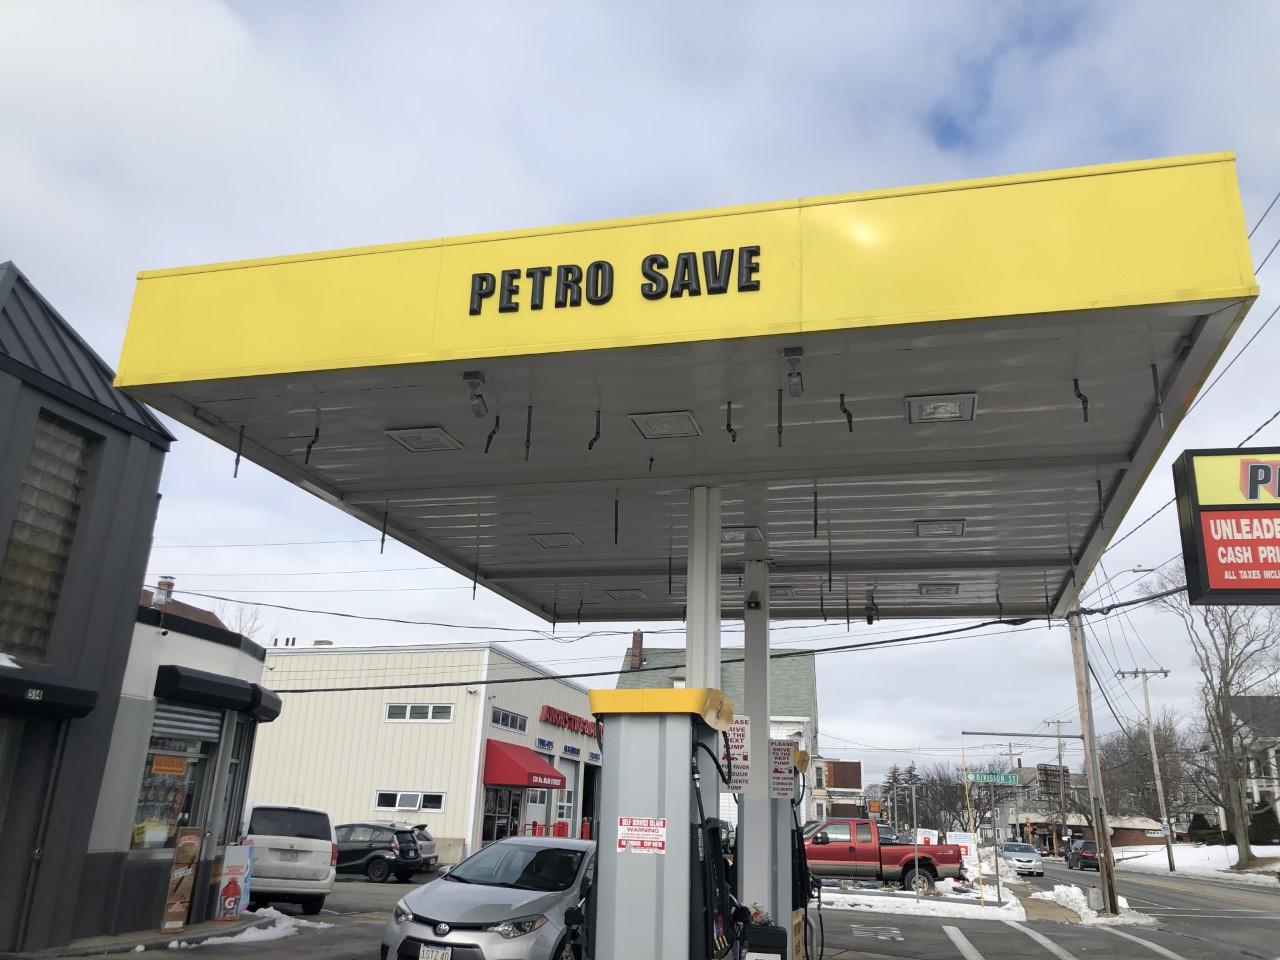 Petro Save